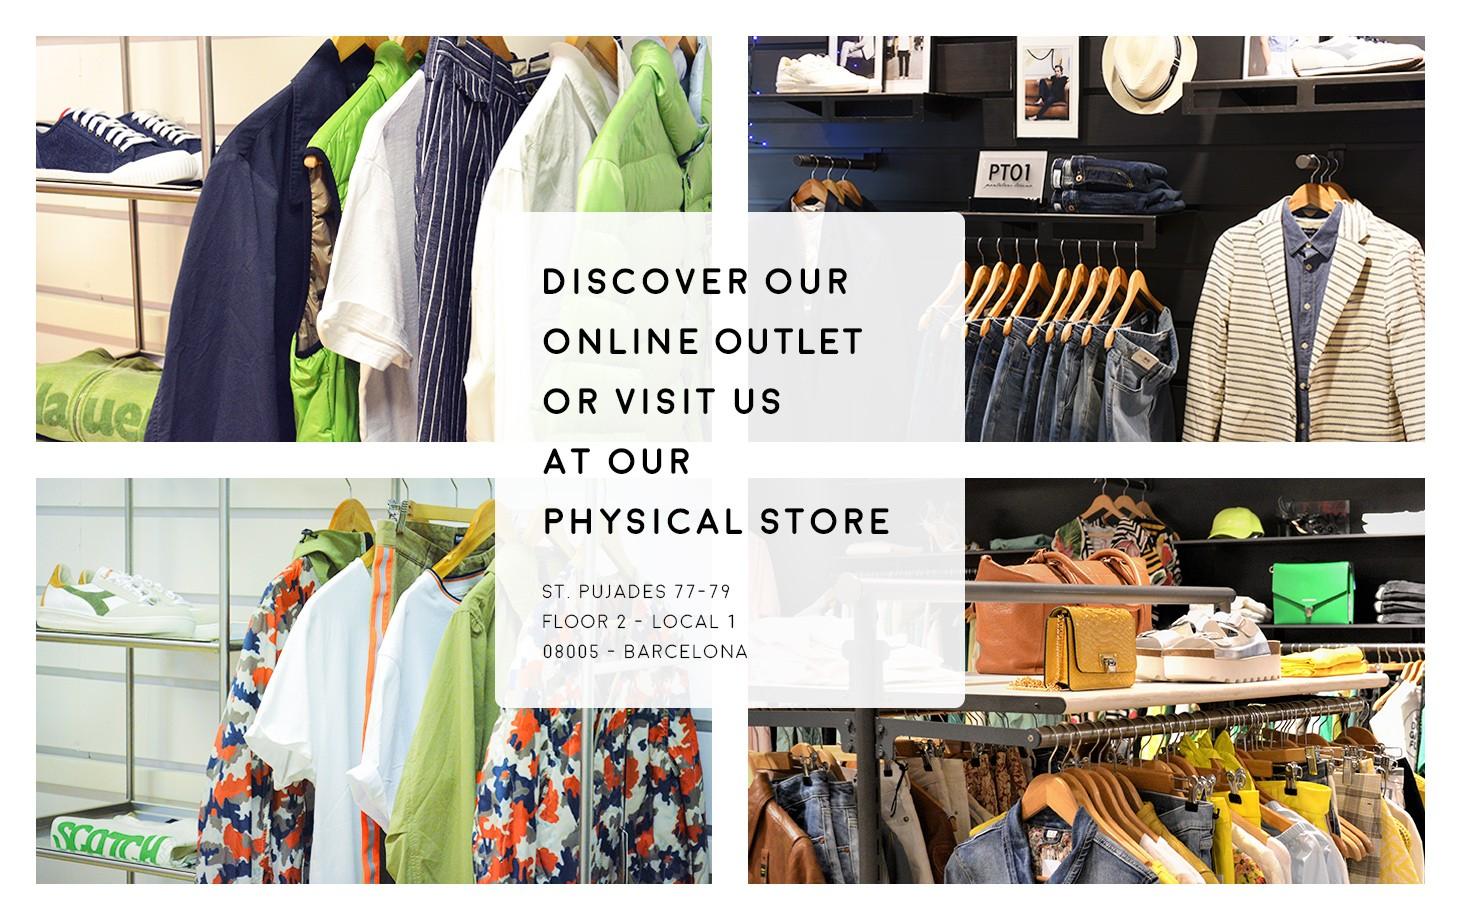 Откройте для себя наш онлайн-магазин или посетите наш физический магазин